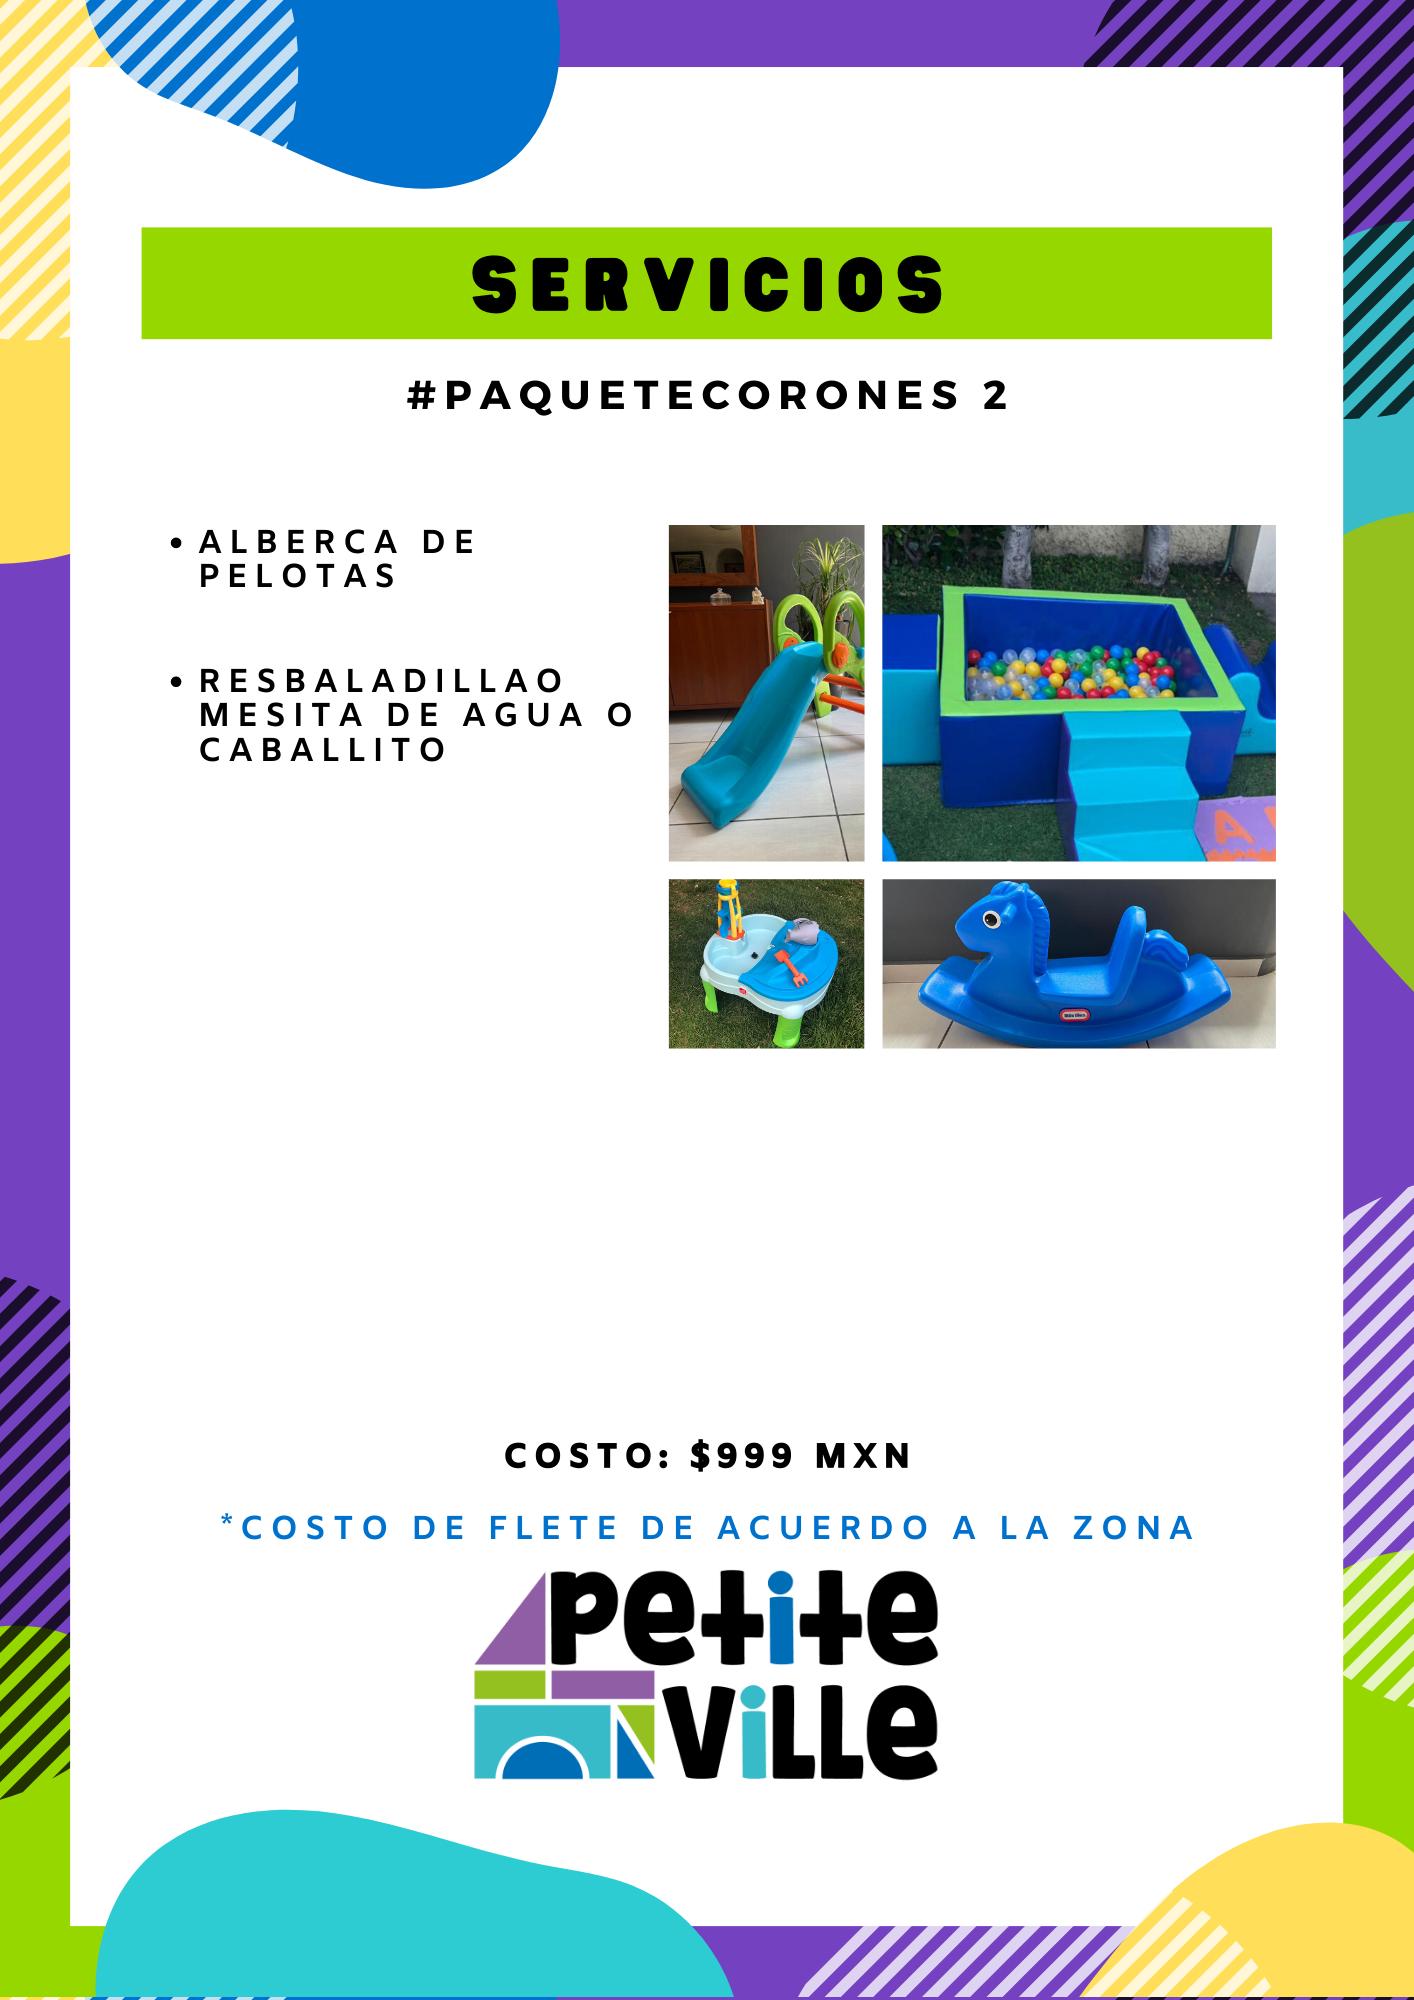 Paquetecorones2